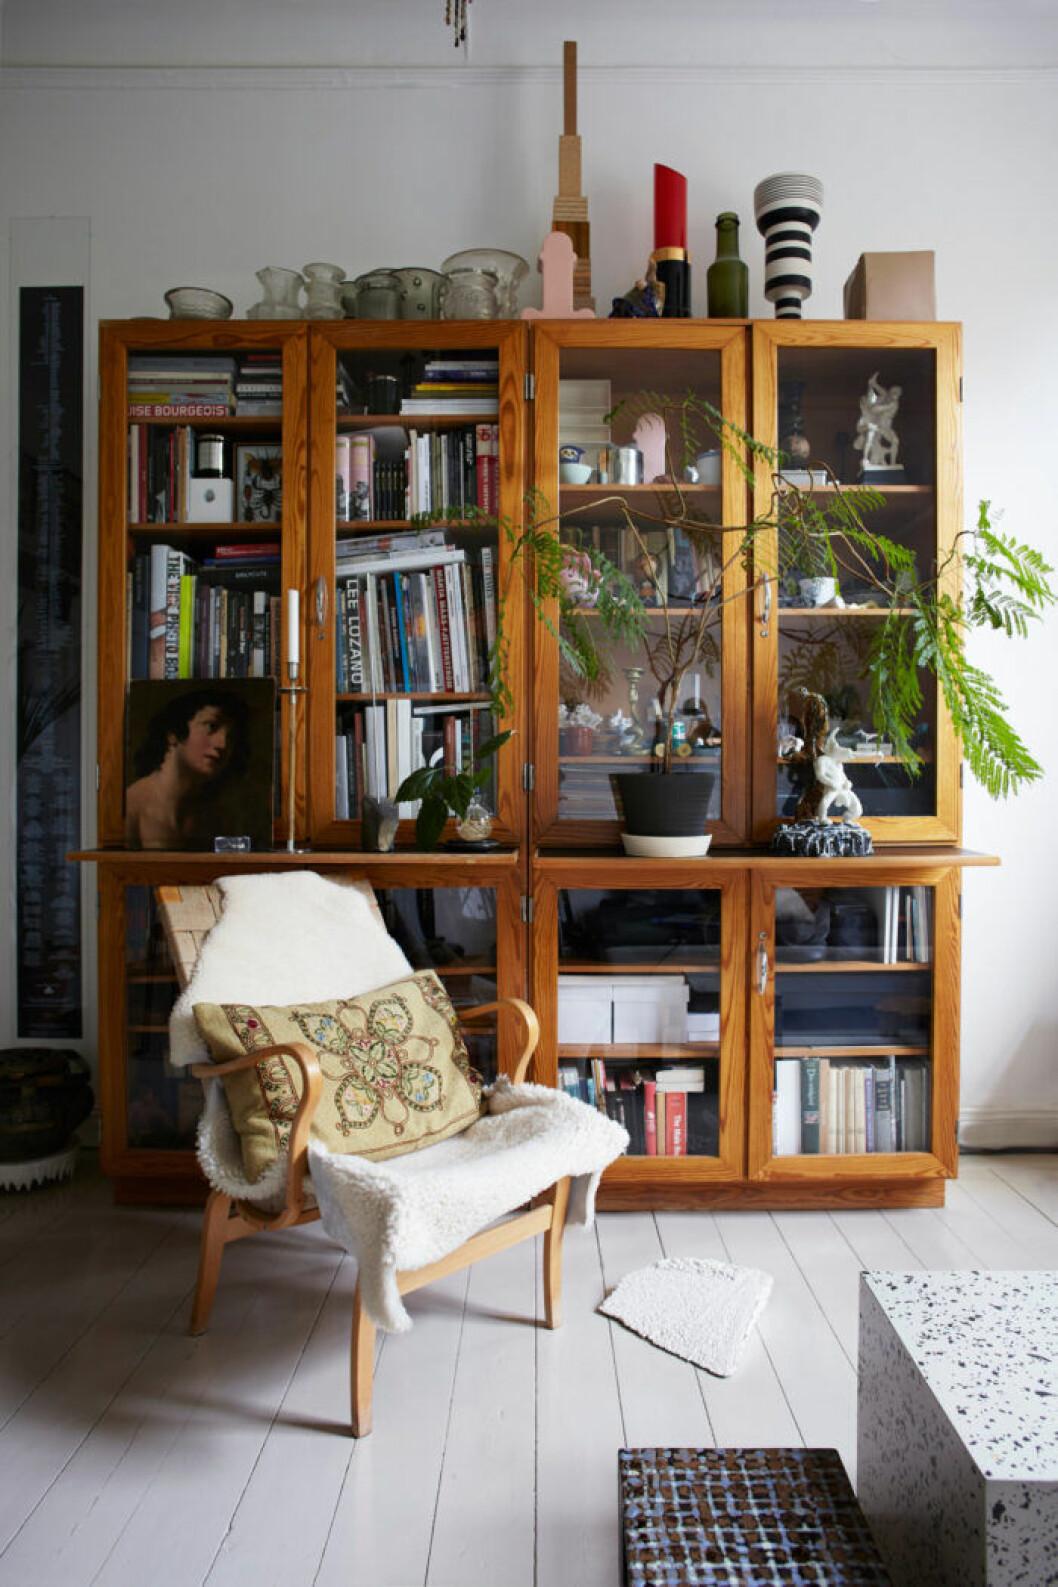 Träskåp med böcker, inredningsdetaljer och växter